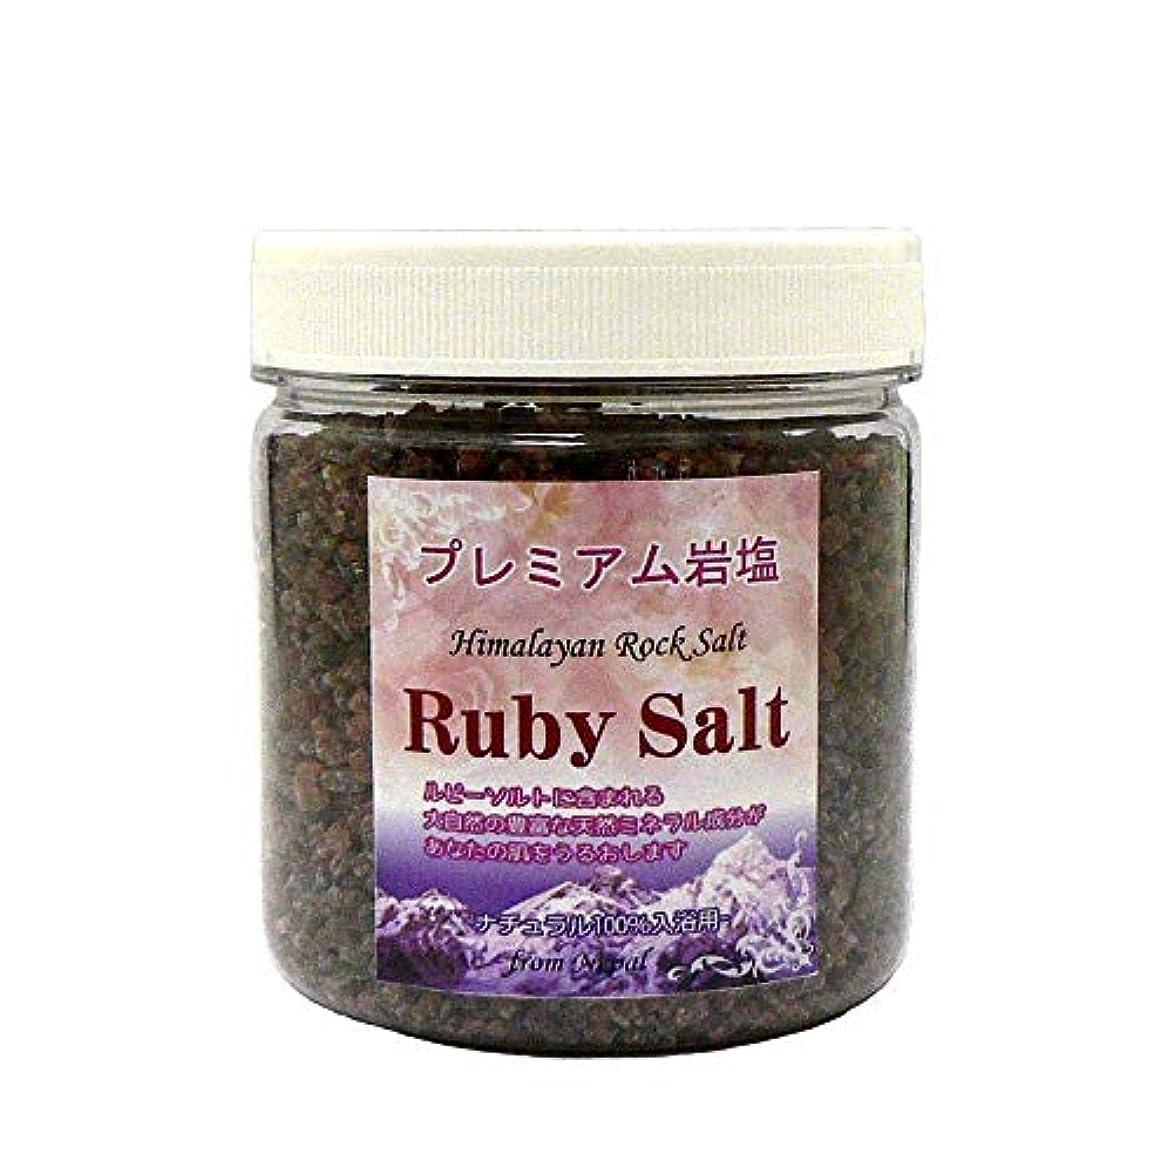 バスタブシンクメンタルヒマラヤ岩塩 プレミアム ルビーソルト バスソルト(Sサイズ塊り) ルビー岩塩 (600g×2個セット)